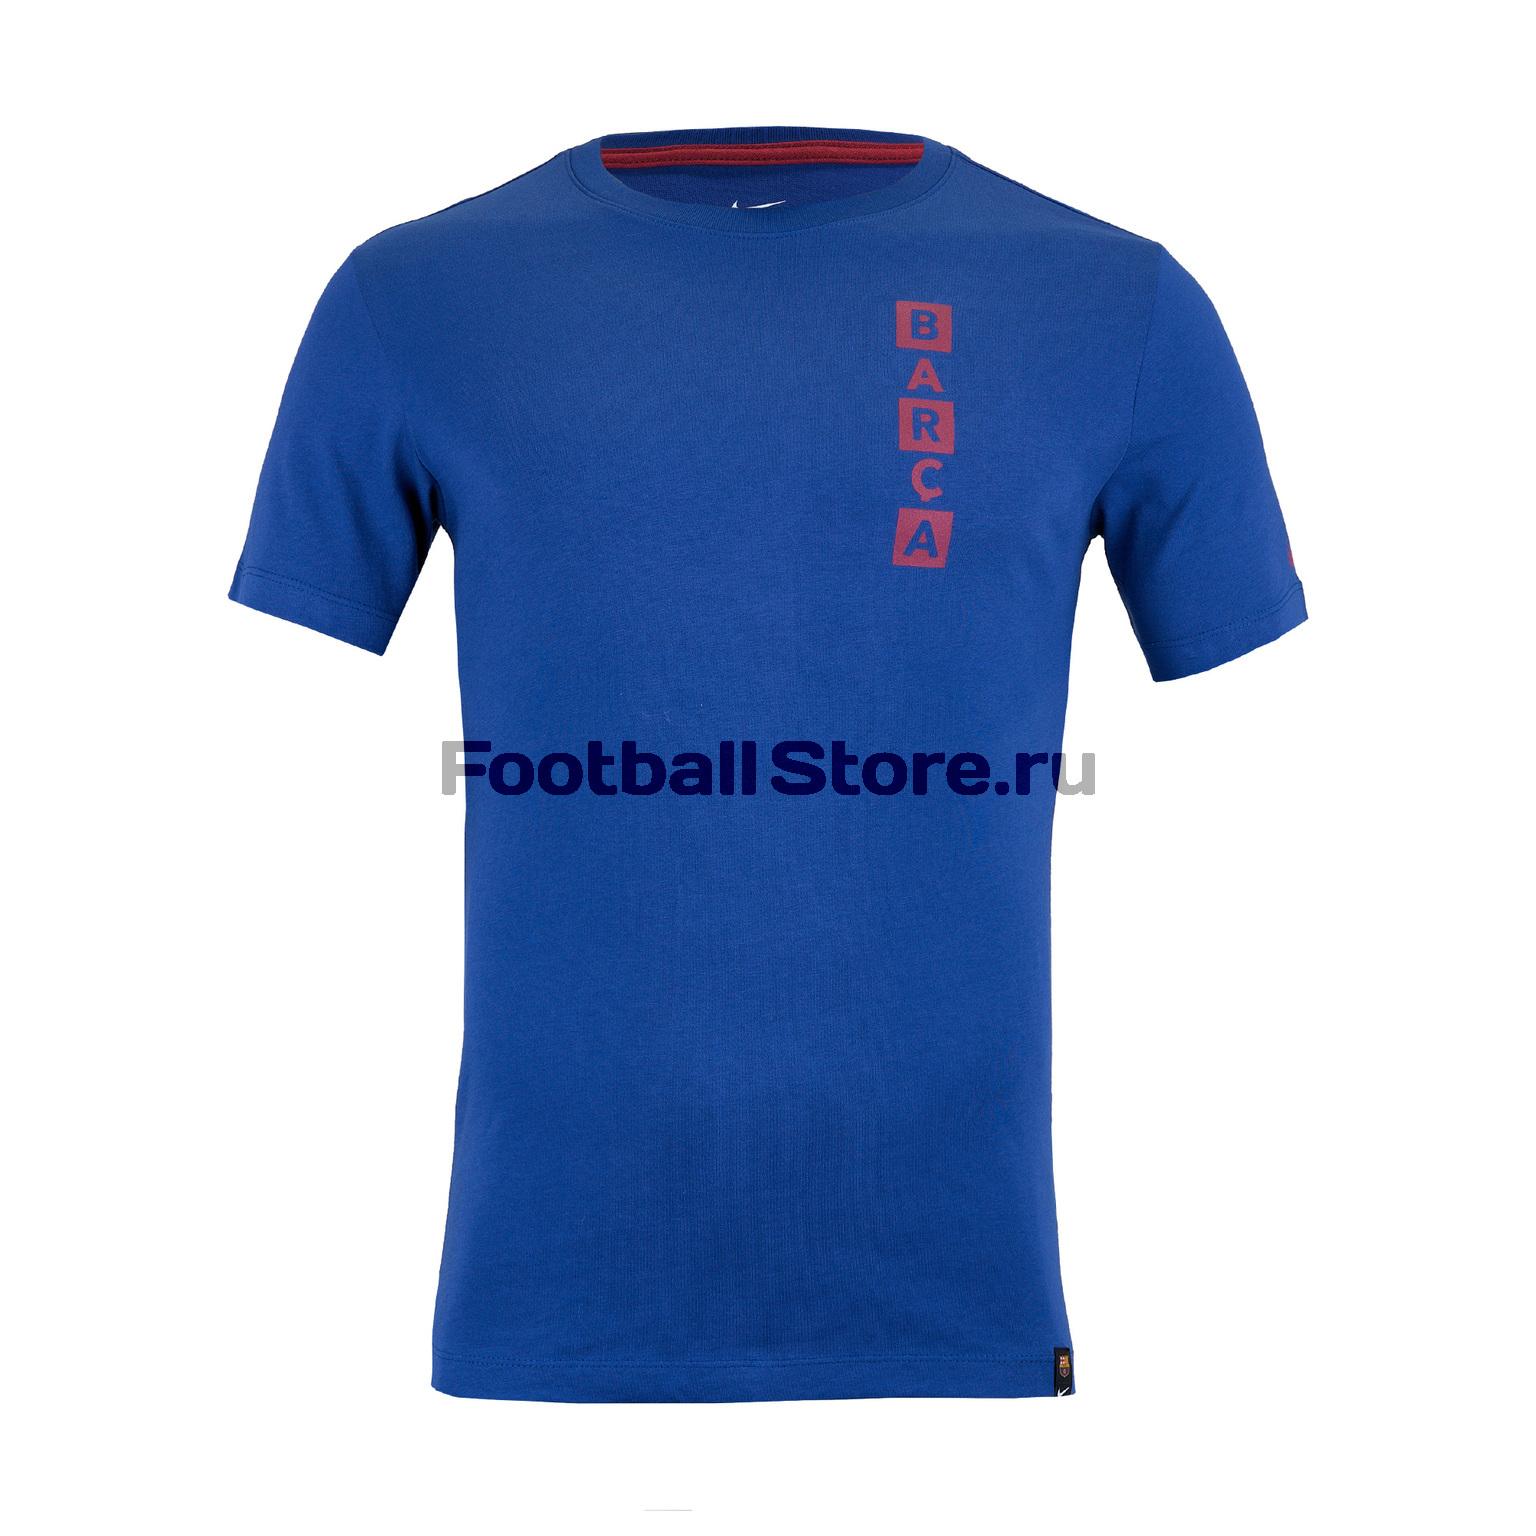 купить Футболка хлопковая Nike Barcelona Tee Kit Story Tell AQ7514-455 дешево